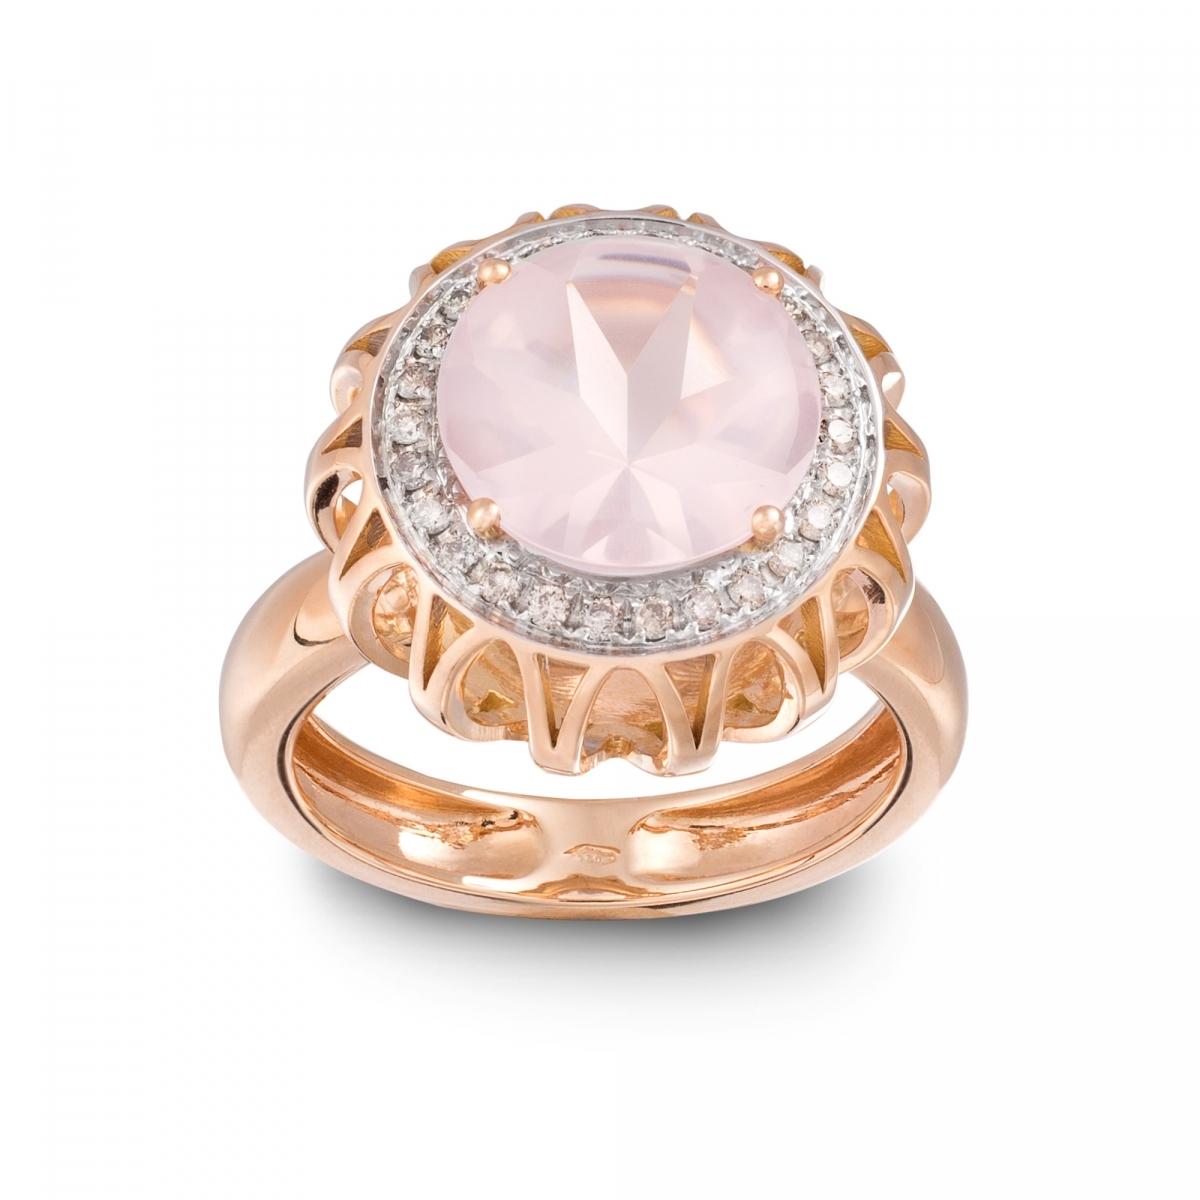 Extrêmement Anelli in oro rosa con diamanti,quarzo > Anello Quarzo Rosa, Oro  OY28